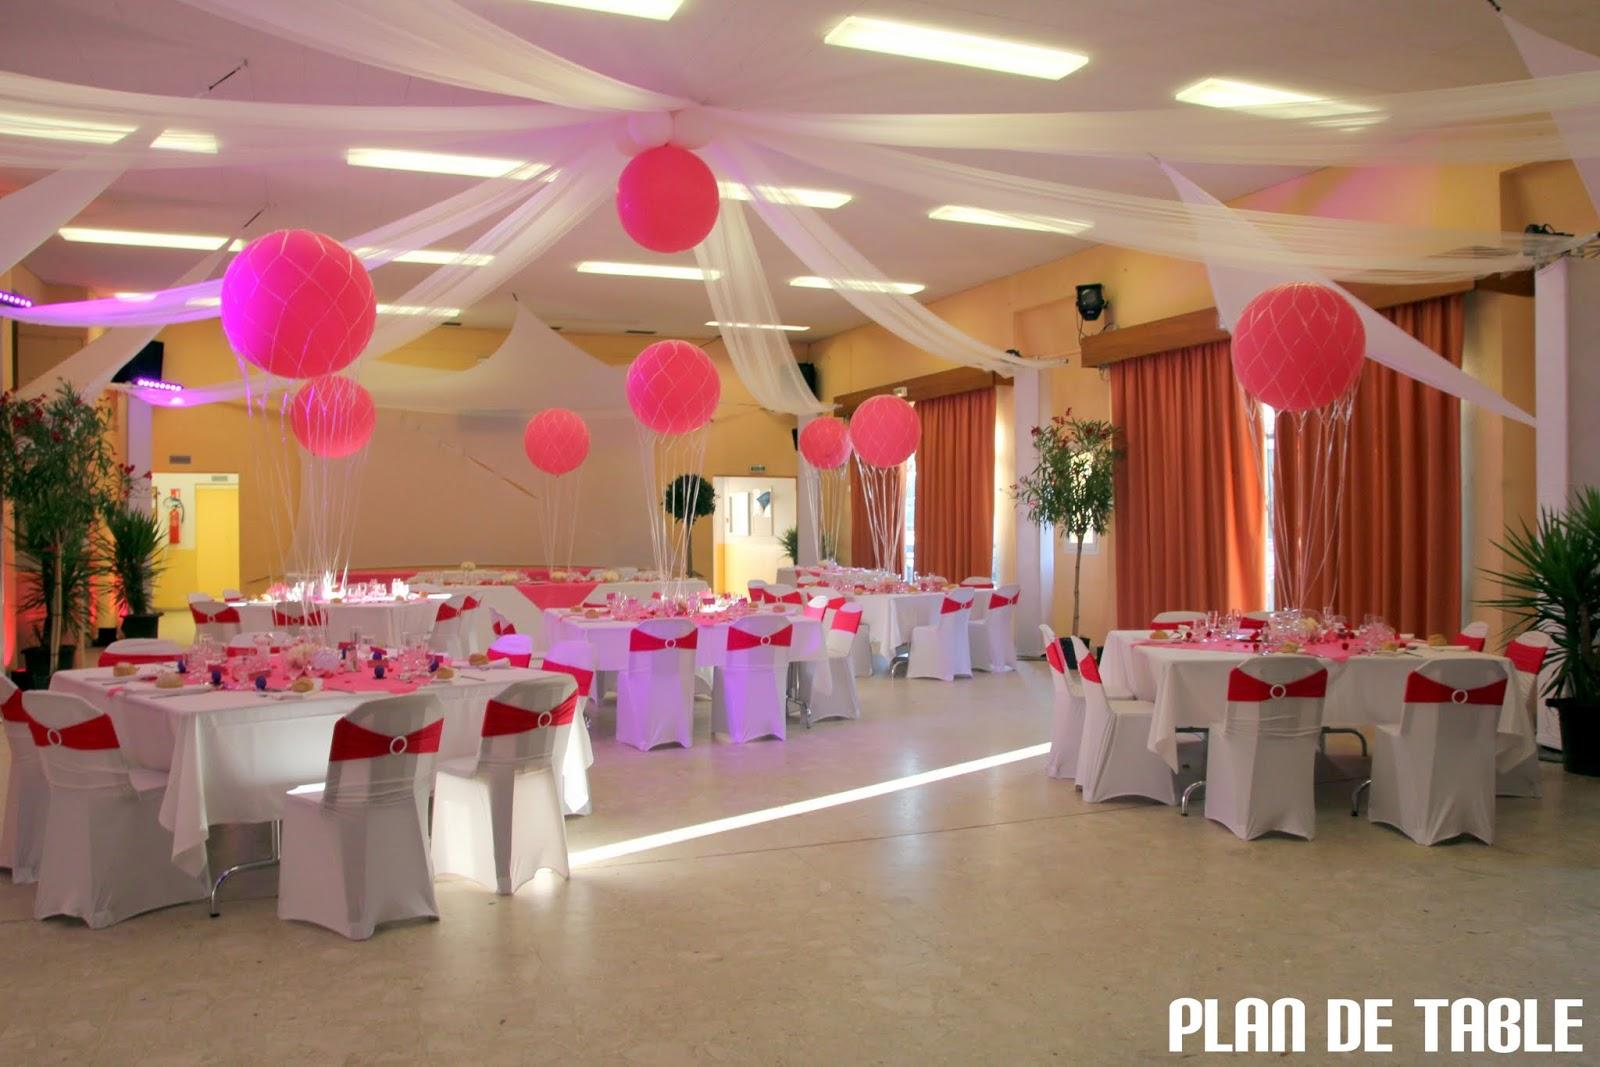 Salle des fetes pour mariage Le mariage